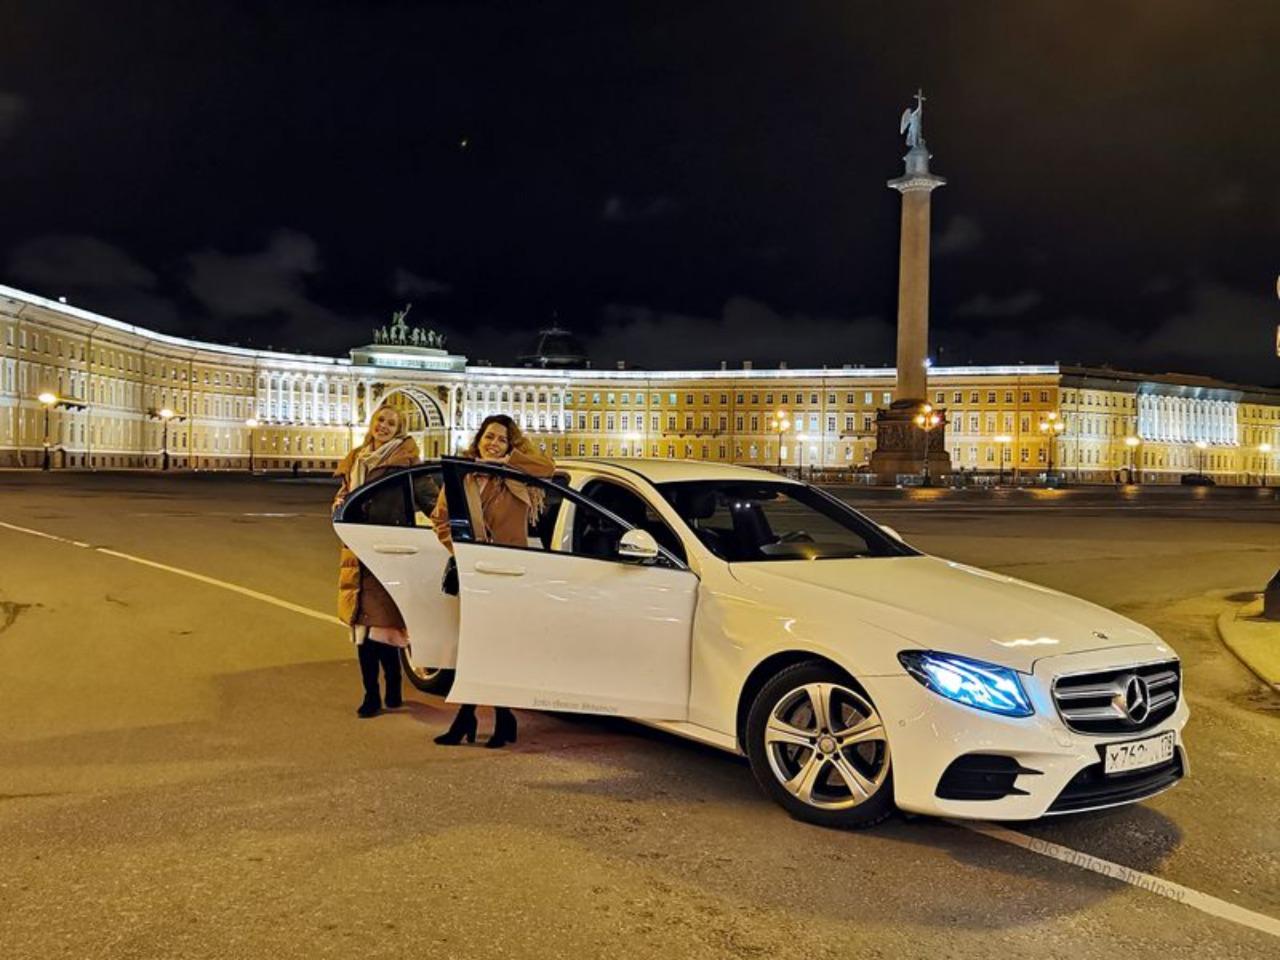 Атмосферная прогулка по ночному Санкт-Петербургу - индивидуальная экскурсия по Санкт-Петербургу от опытного гида